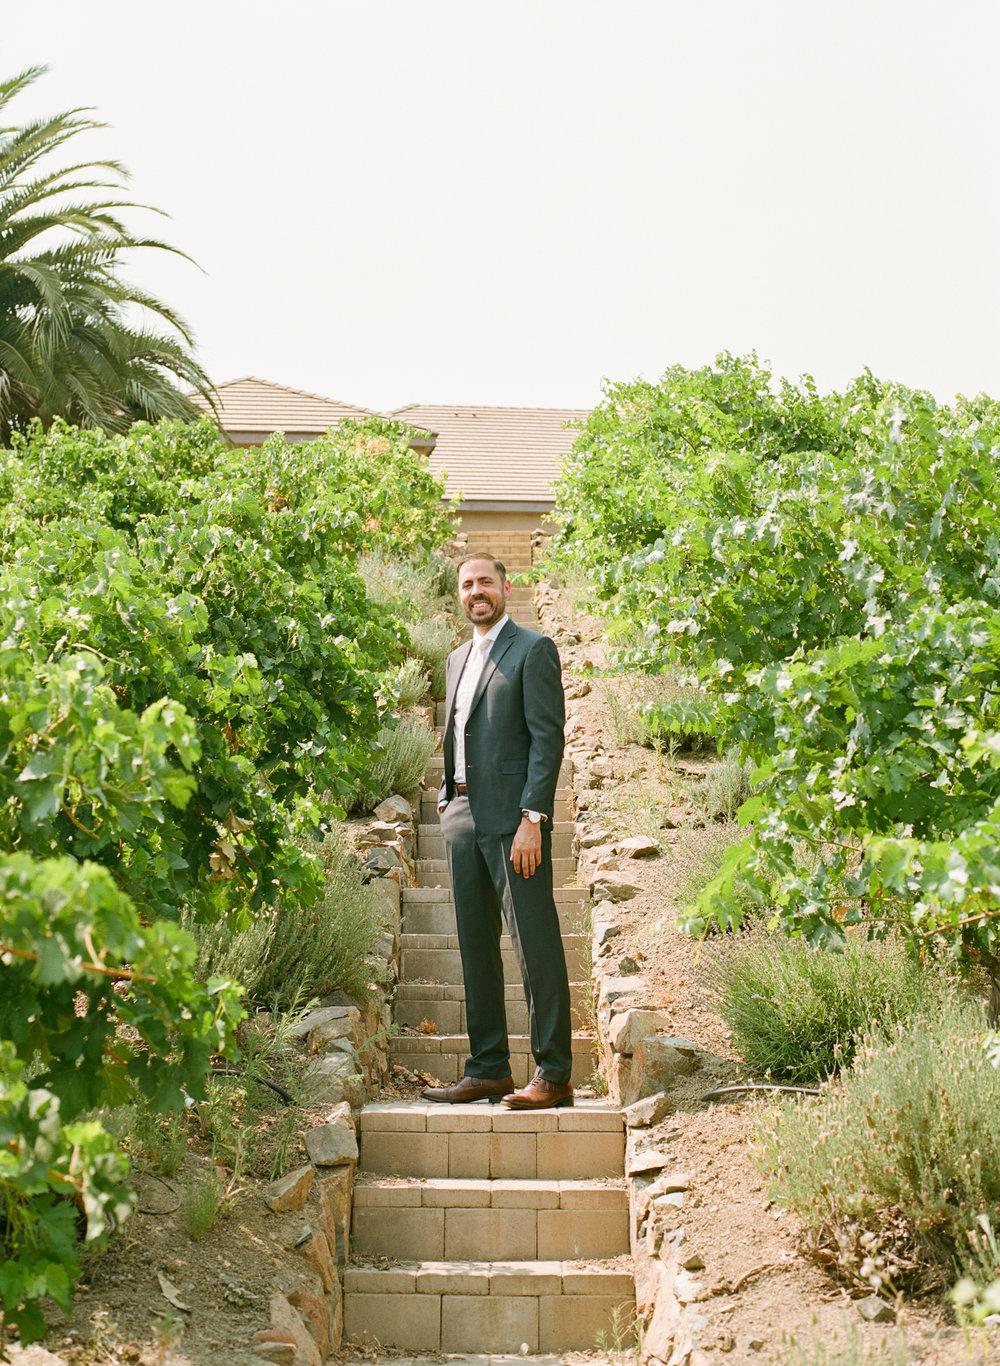 dennisroycoronel_ashleyanthony_vanessahudgens_austinbutler_wedding_losangeles_photographer-100.jpg